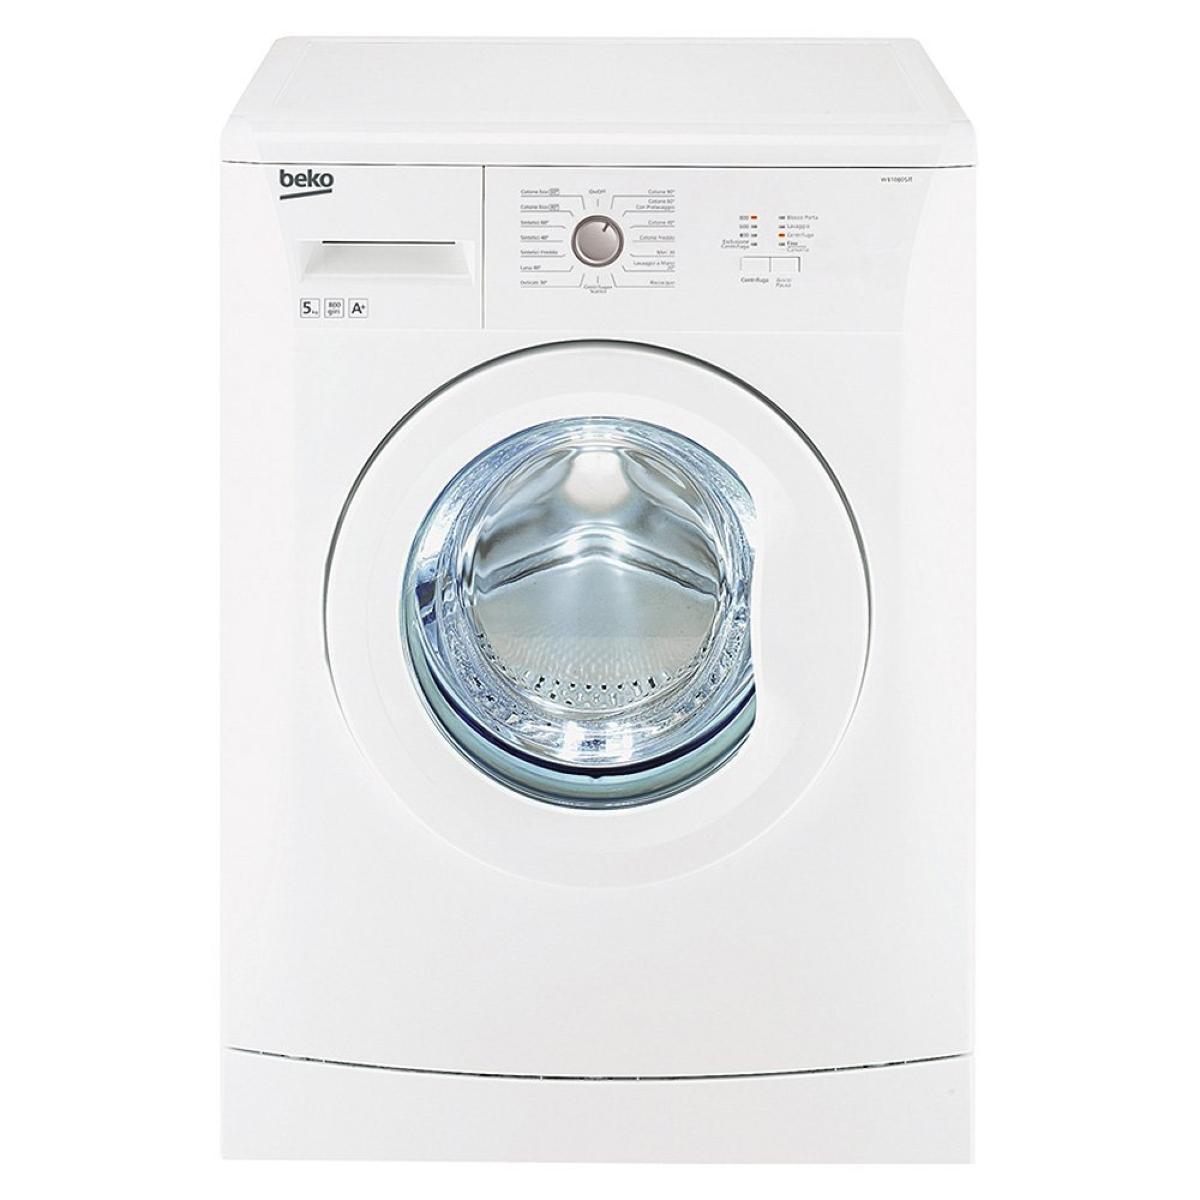 Welche eine Waschmaschine, beko WB EN 10805 zu wählen